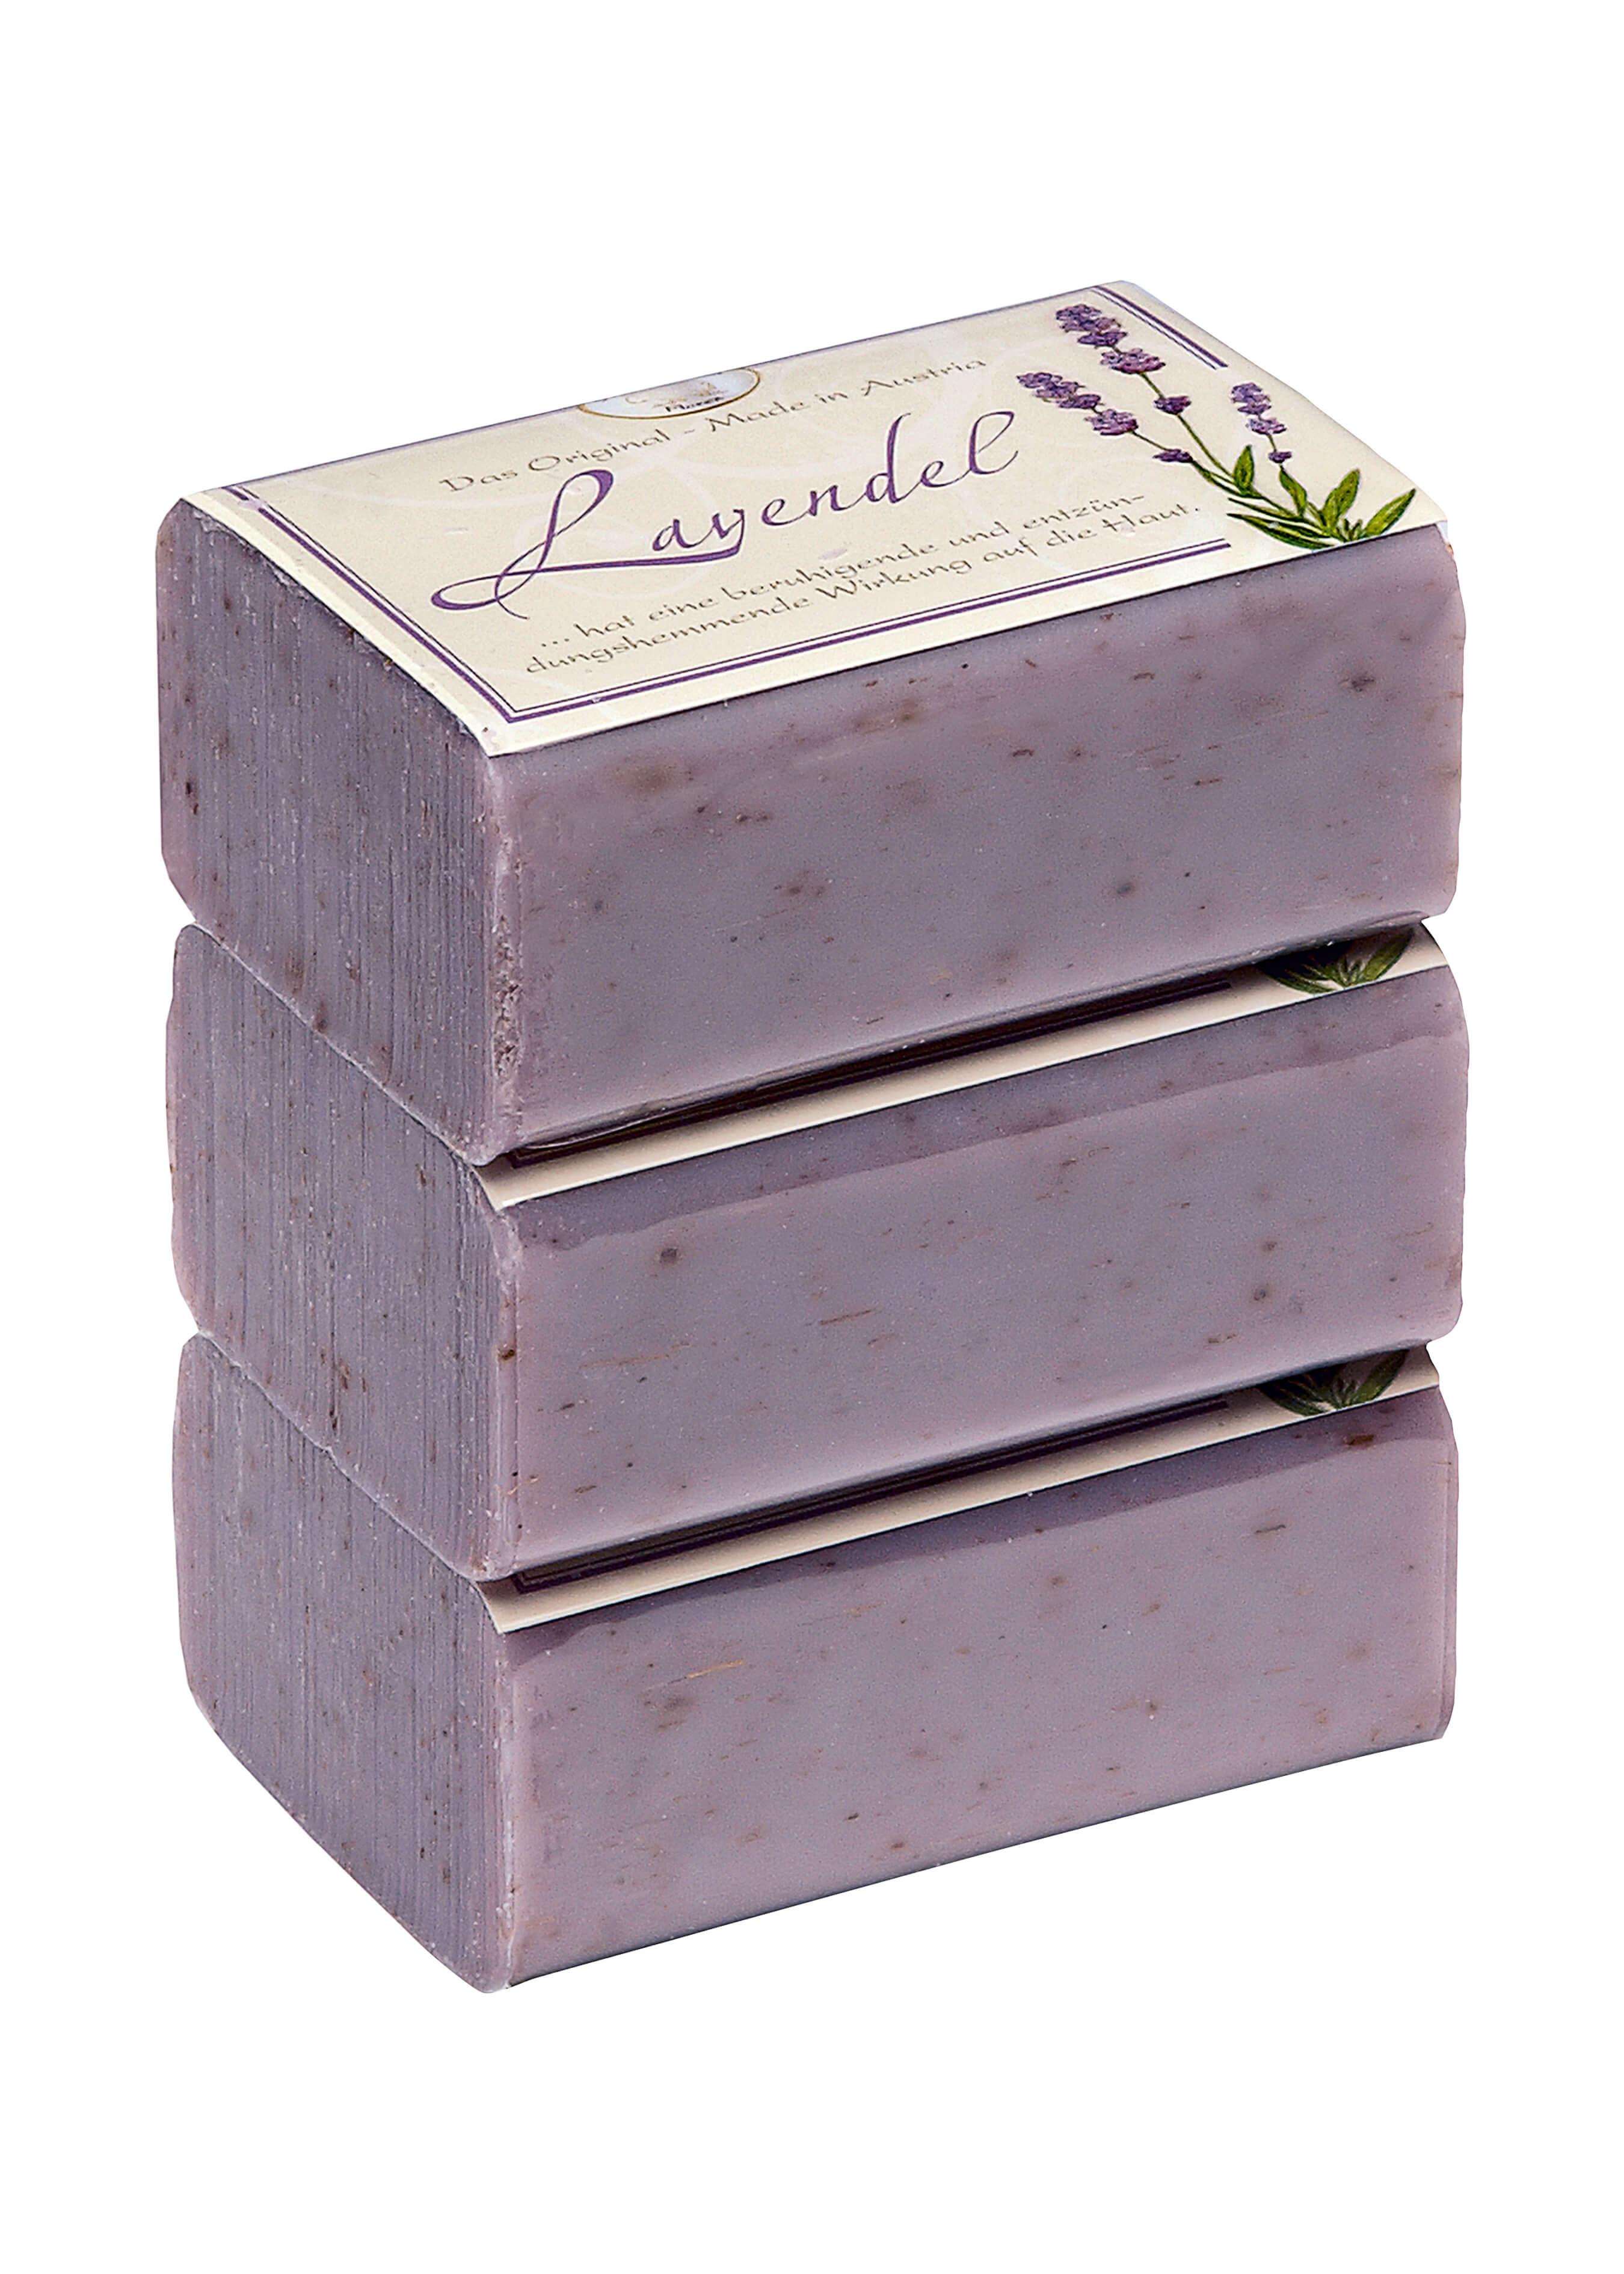 Lavendel-Seife L19548 1